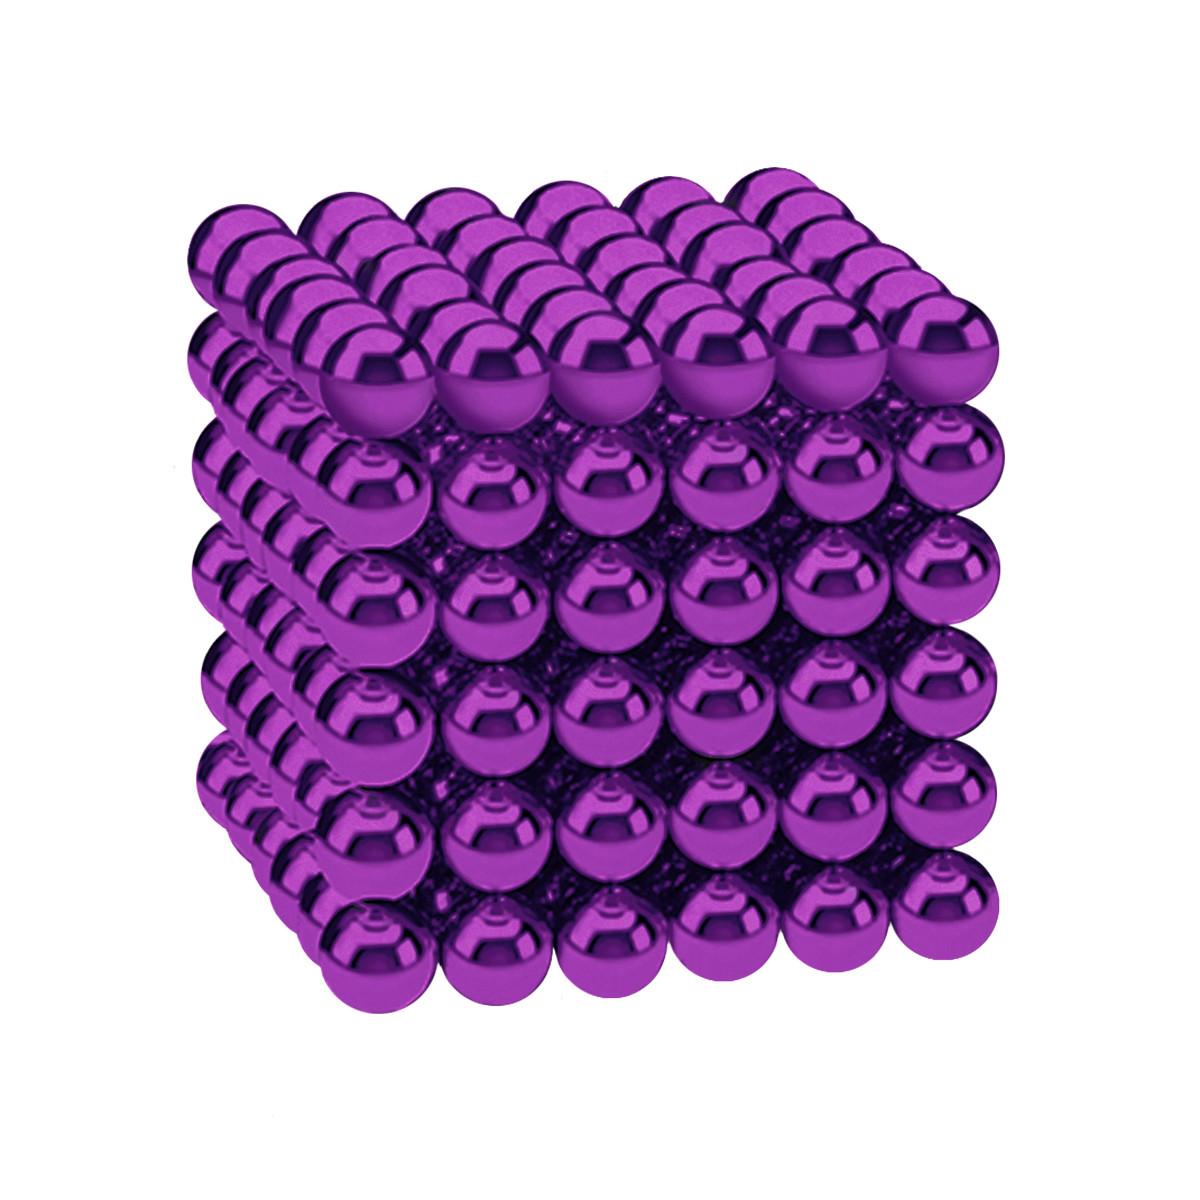 Магнітні кульки-головоломка SKY NEOCUBE (D5) комплект (216 шт) Purple